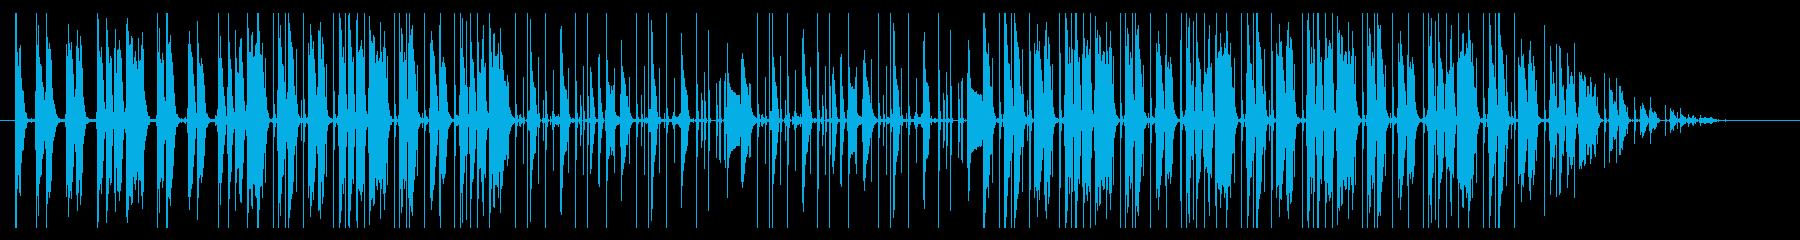 穏やかな印象 lo-fi hiphop の再生済みの波形